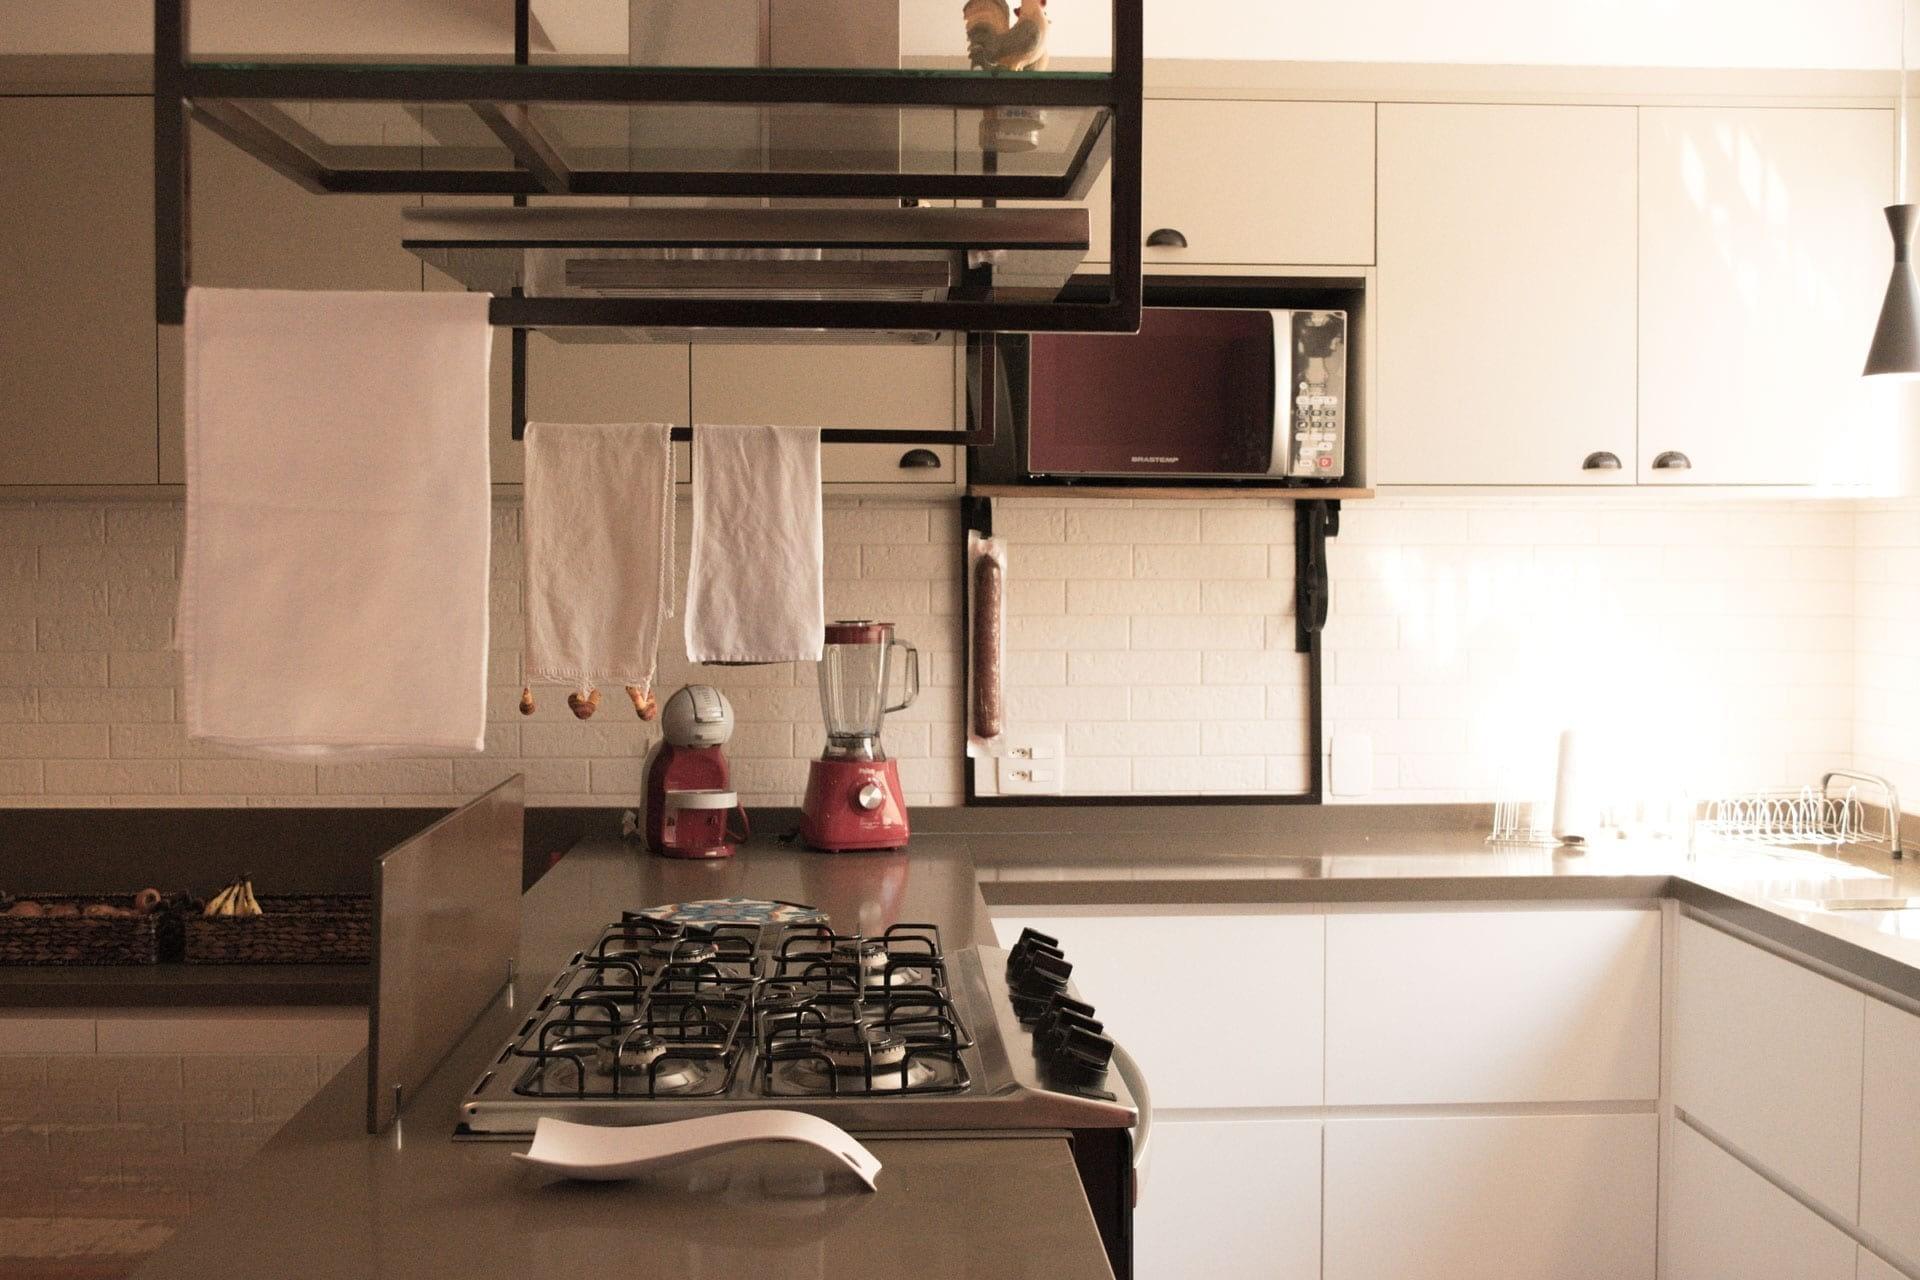 Arquiteta Beatriz Teixeira - Cozinha dos Falcão Durães